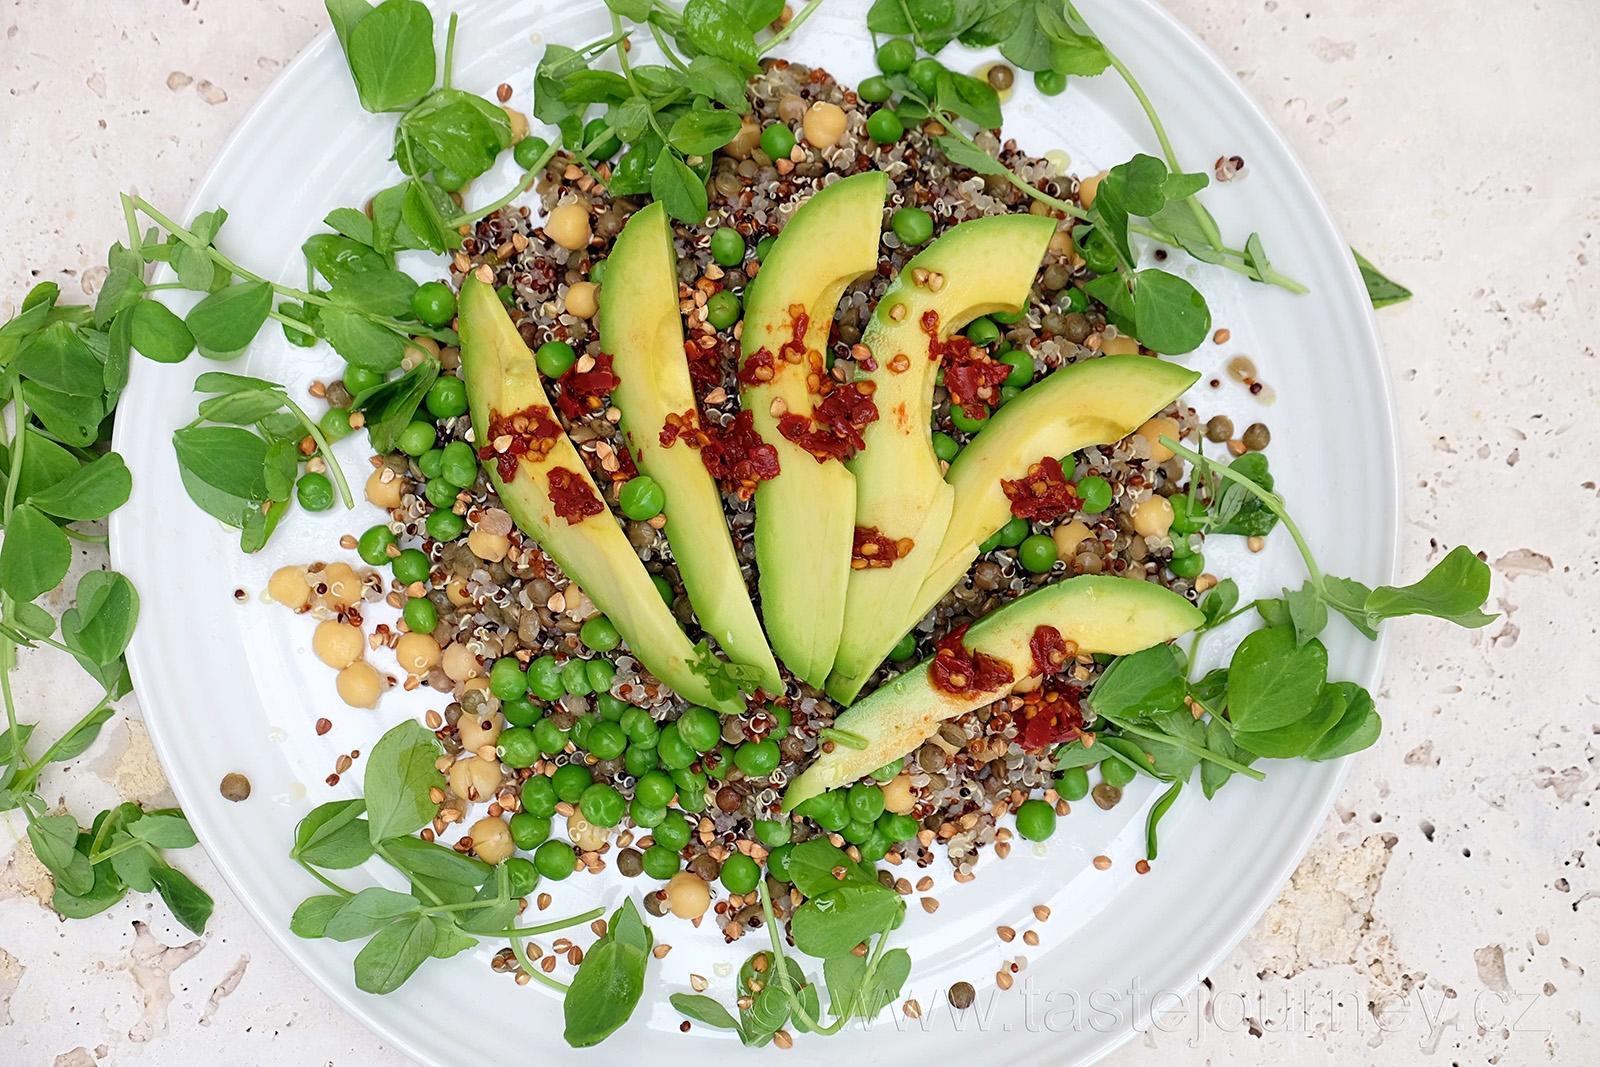 Salát s hráškem, quinou, čočkou a cizrnou je novým druhem salátů